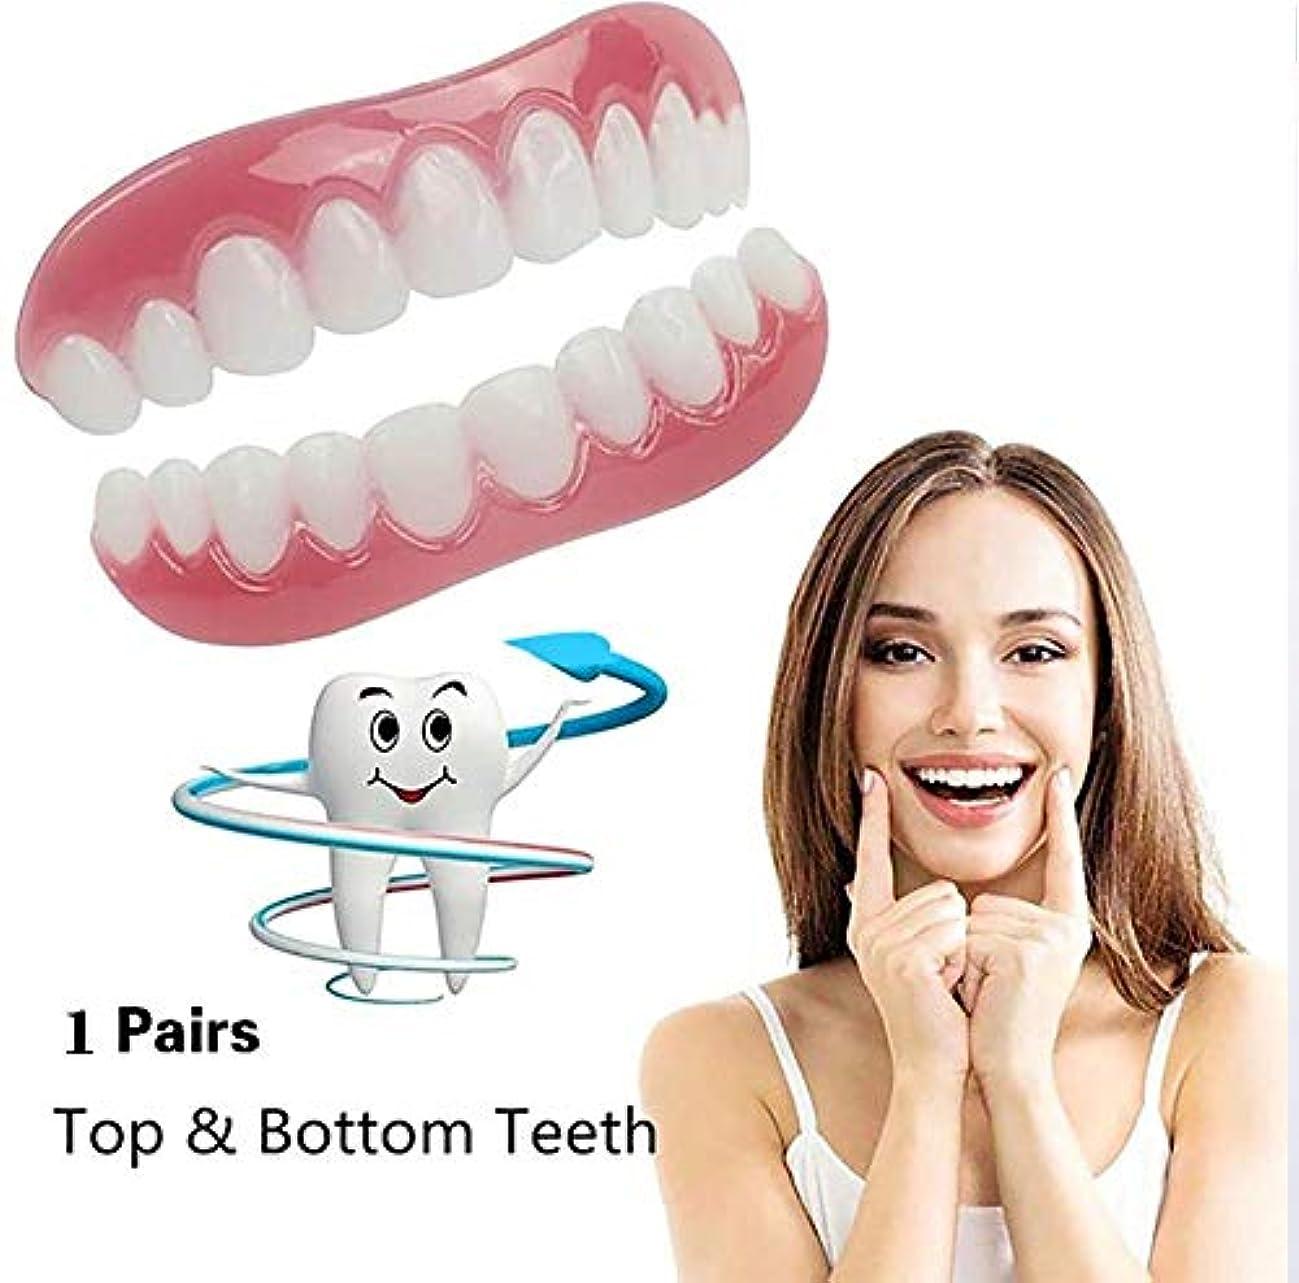 パンサー文句を言う教育学パーフェクトインスタントスマイルティースベニアインスタント美容義歯上下歯2個入り(フリーサイズ(中)